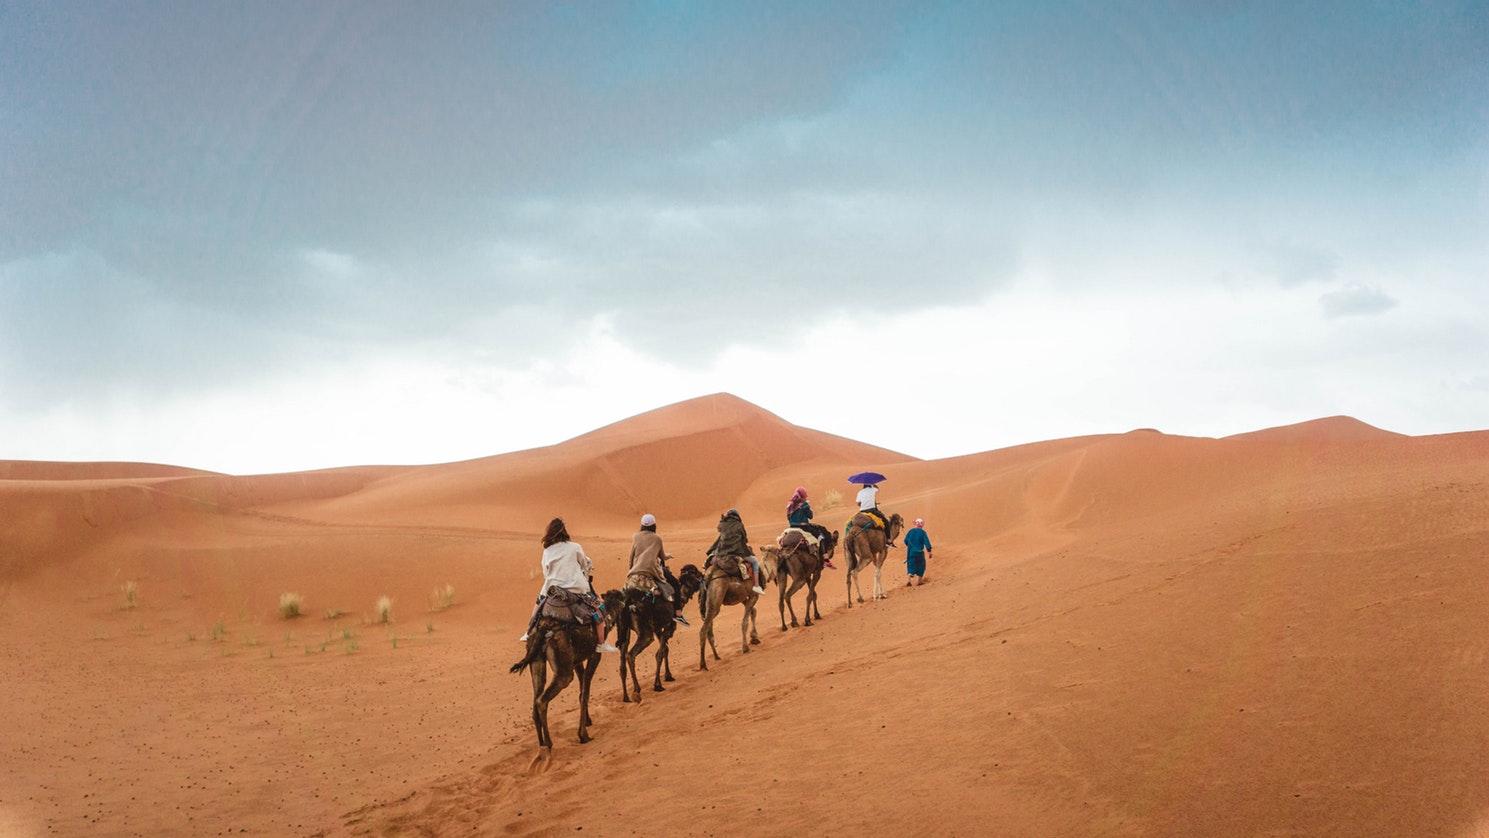 photo 1535190971825 f335138358c8 - Der Sahara-Staub: Wie wirkt er sich auf die iberische Halbinsel aus?